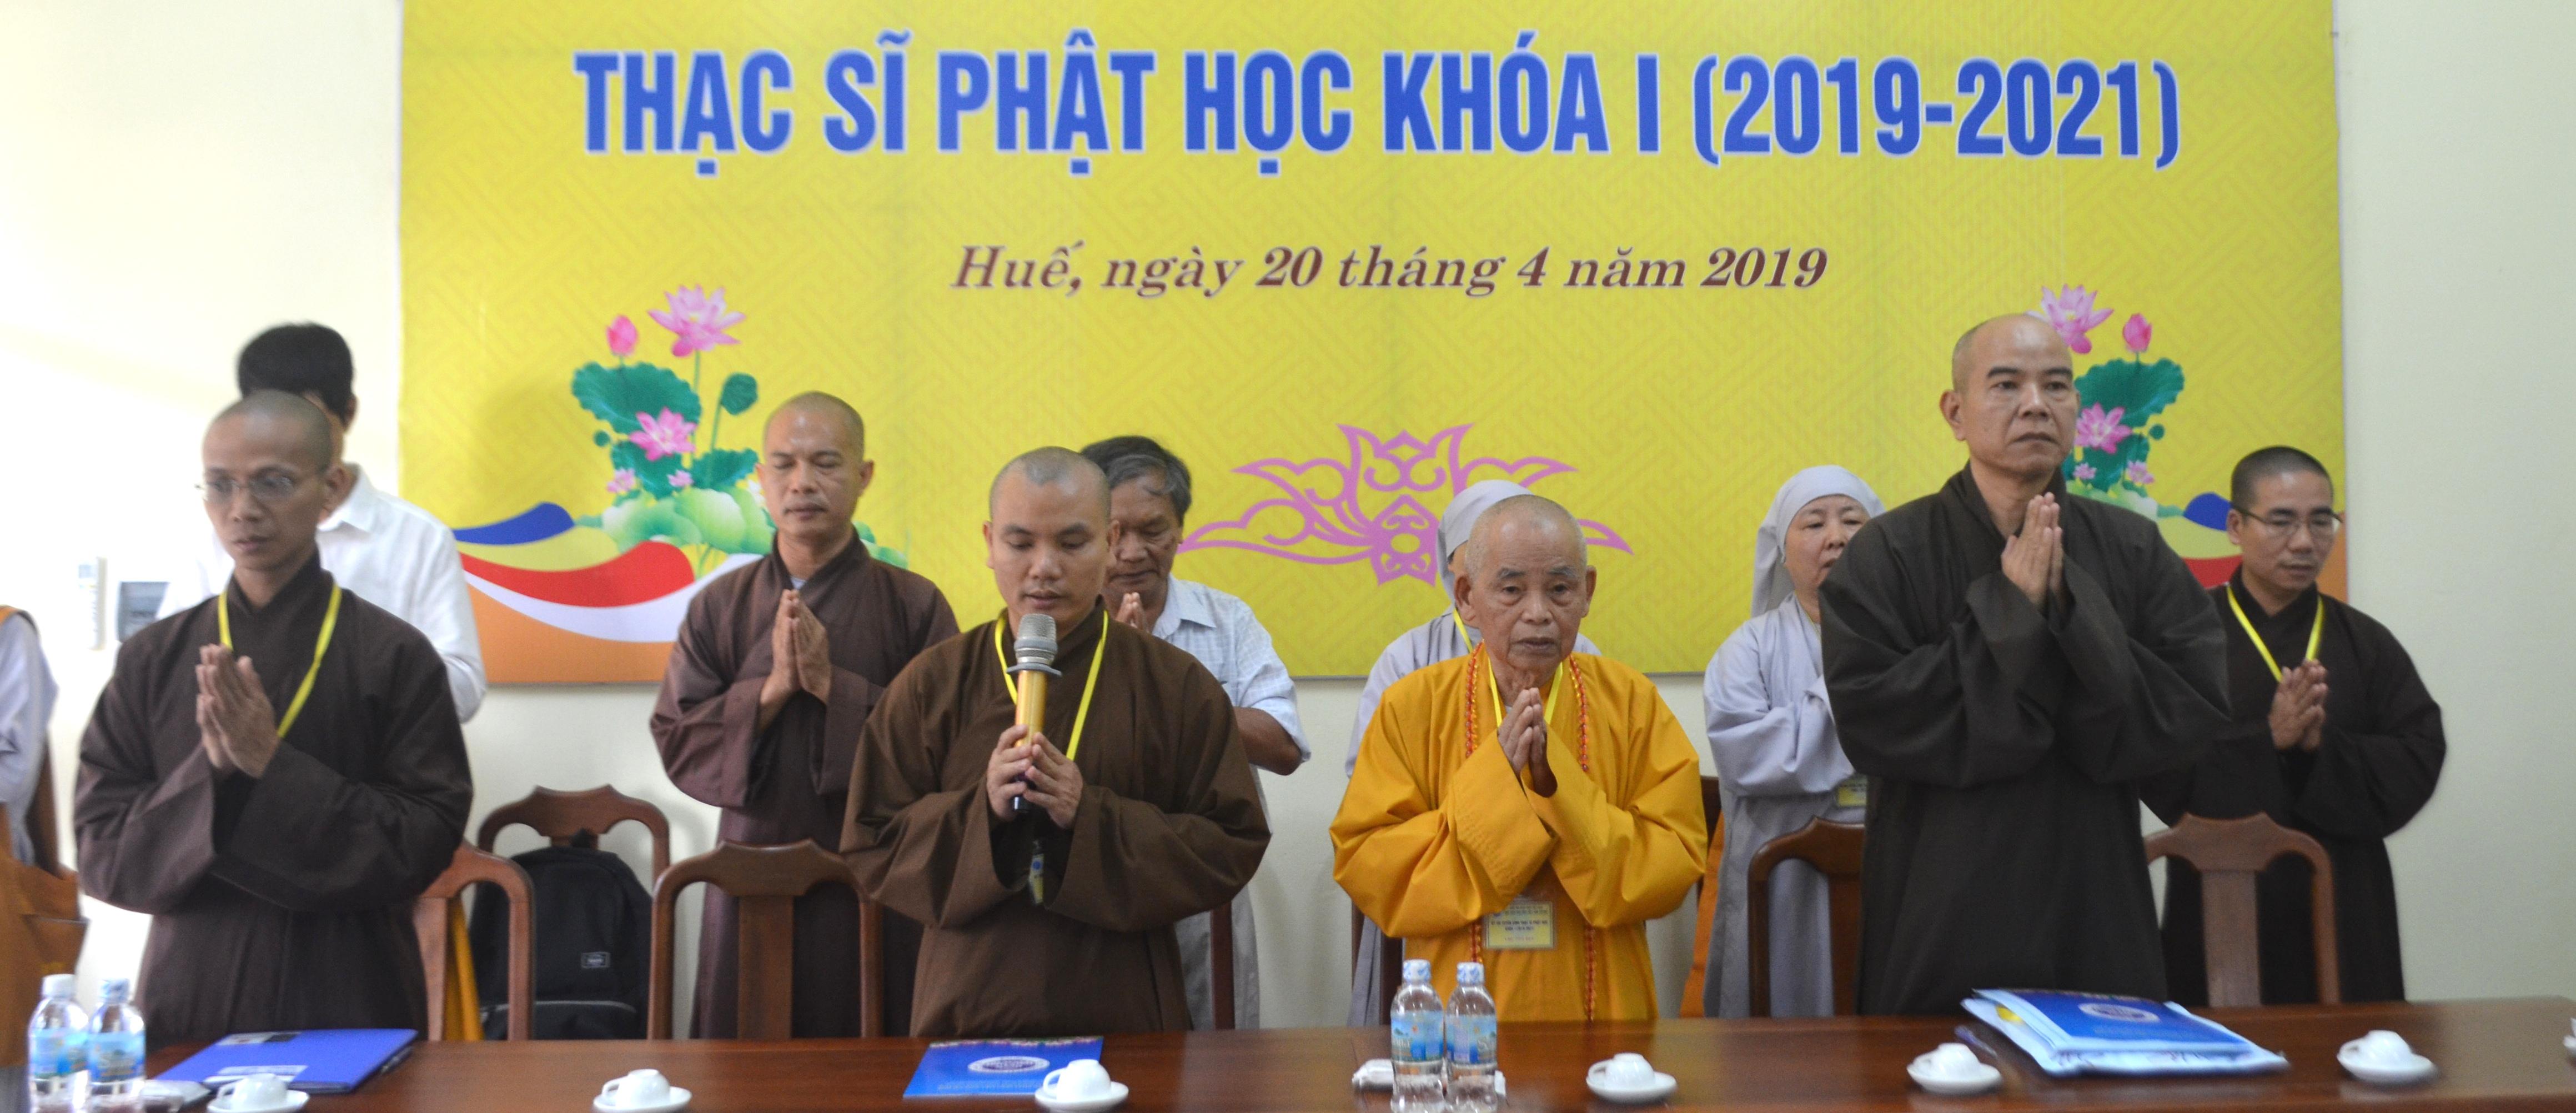 Học viện PGVN tại Huế tổ chức thi tuyển sinh Thạc sĩ Phật học khóa I